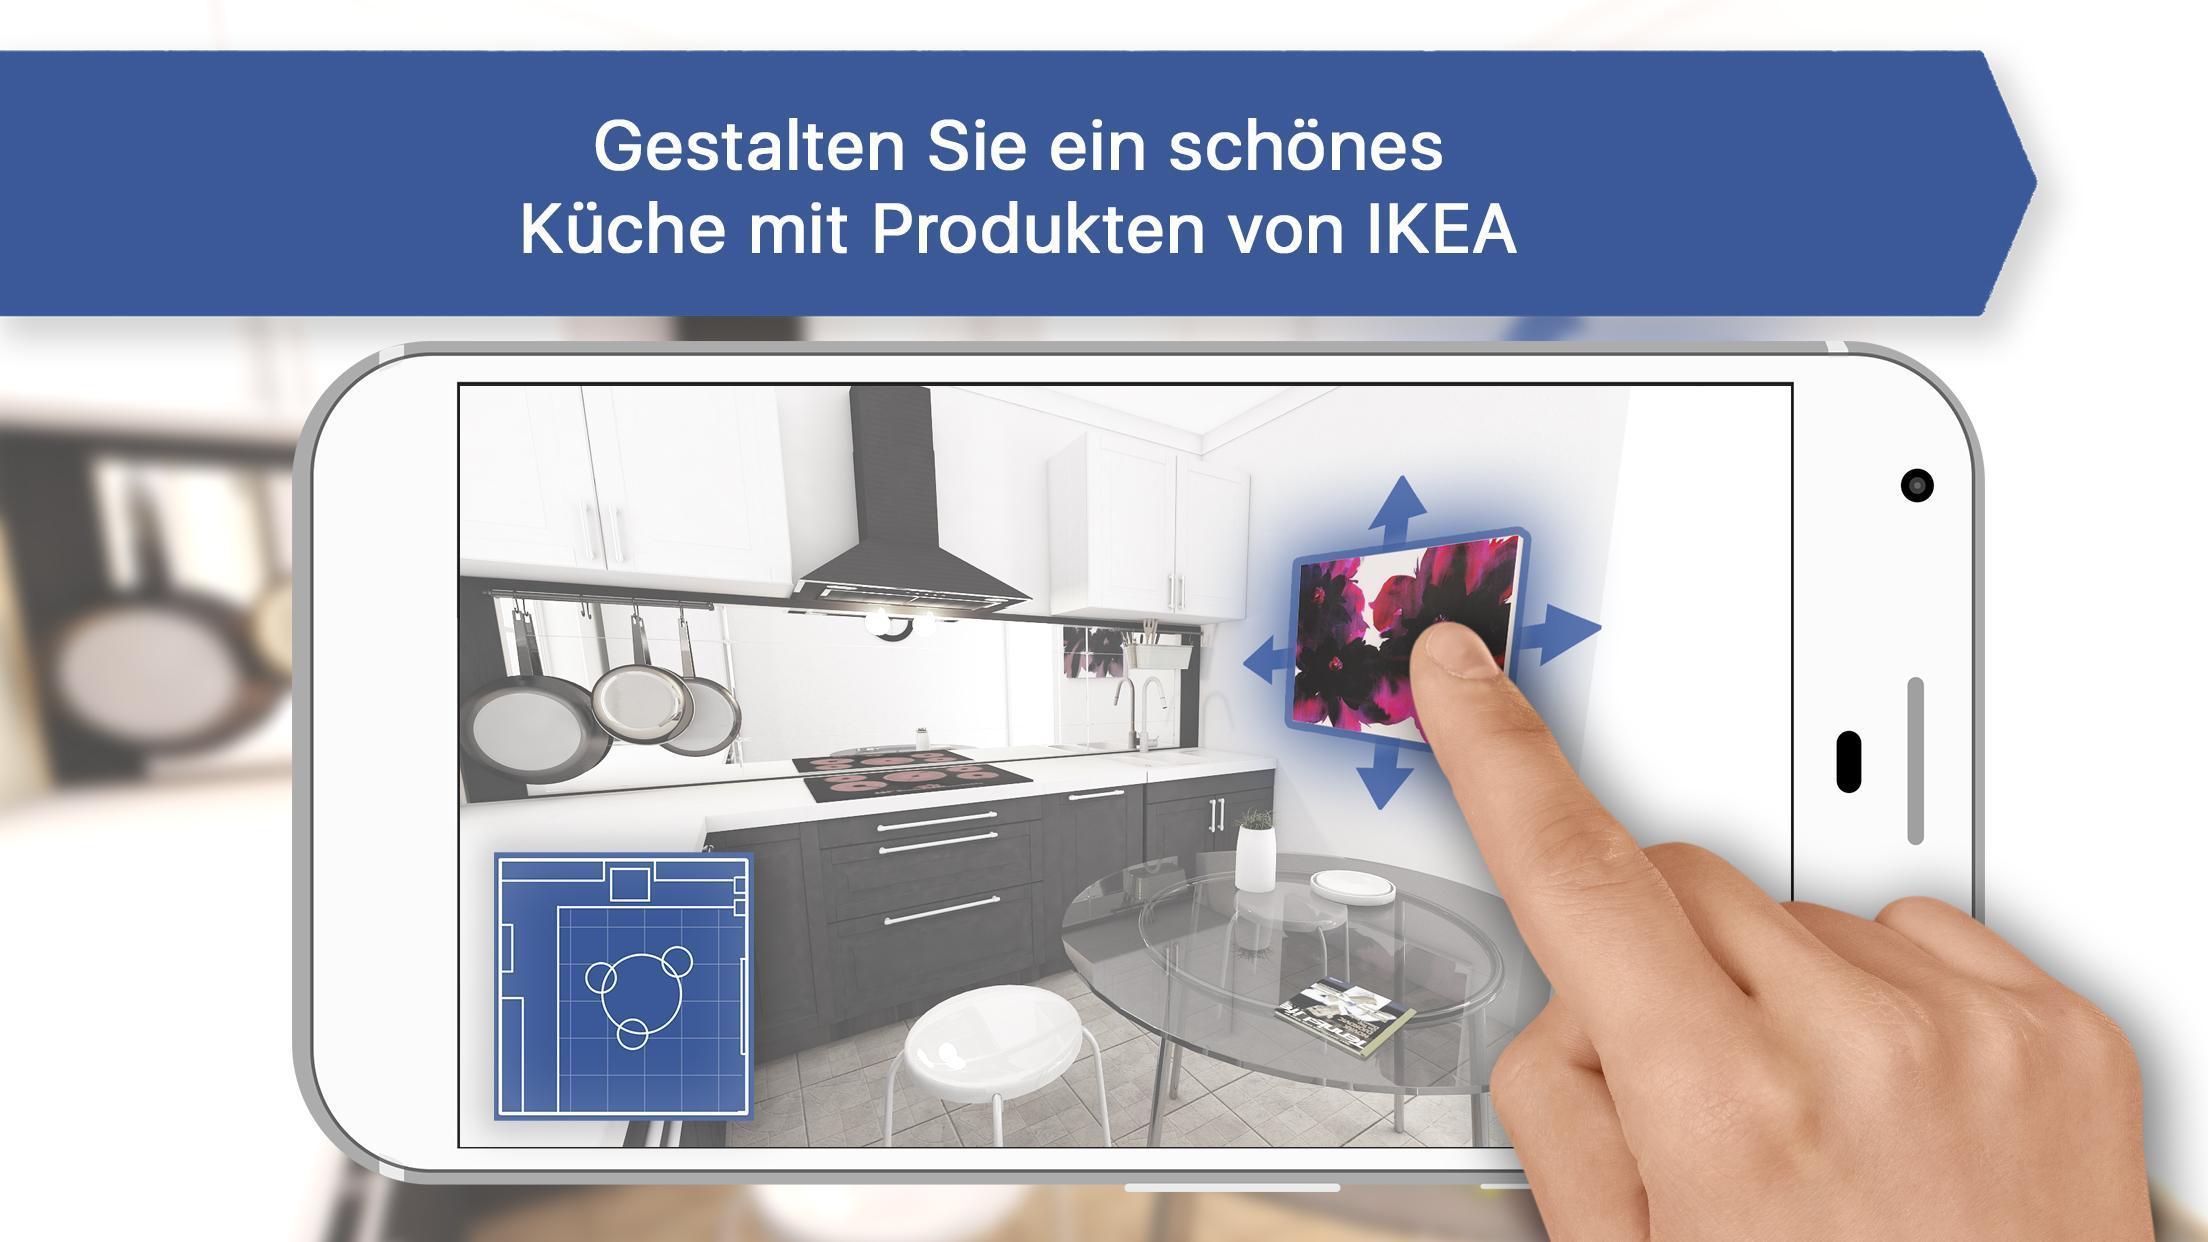 3D Küchenplaner für IKEA: Küche Planen und Design für ...